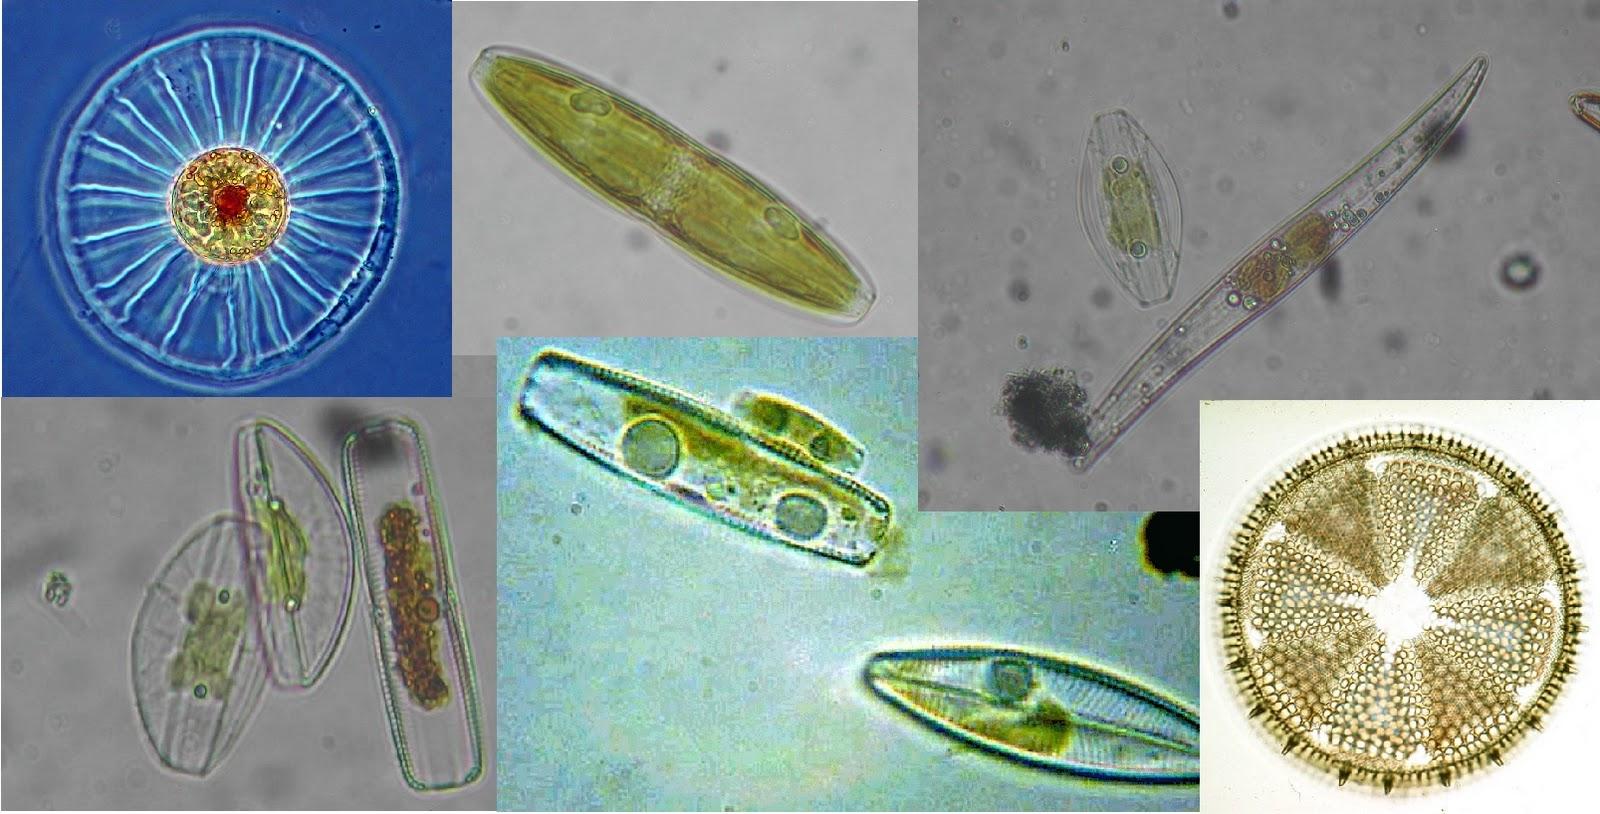 http://3.bp.blogspot.com/_BwlbMaa50jo/TKkGIMSqj0I/AAAAAAAAHeY/2vdUcVL8SFs/s1600/diatoms,%252525252Bseveral%252525252Bspecies.jpg